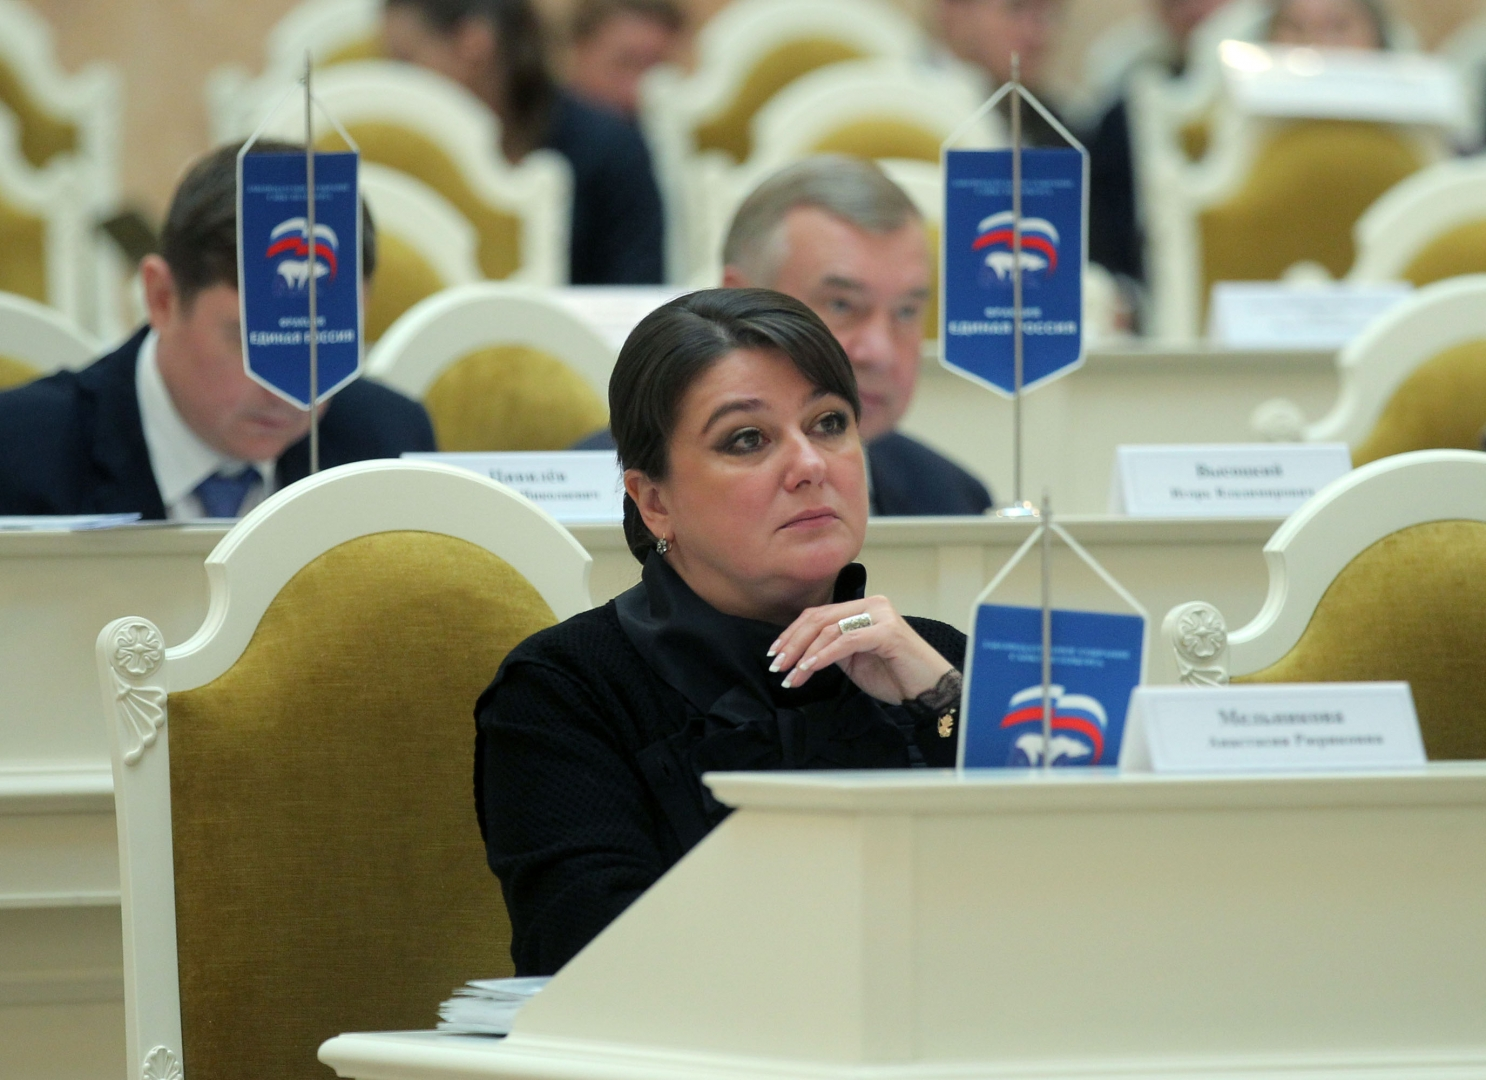 средняя зарплата депутата Анастасии Мельников составляет около 130 тысяч рублей